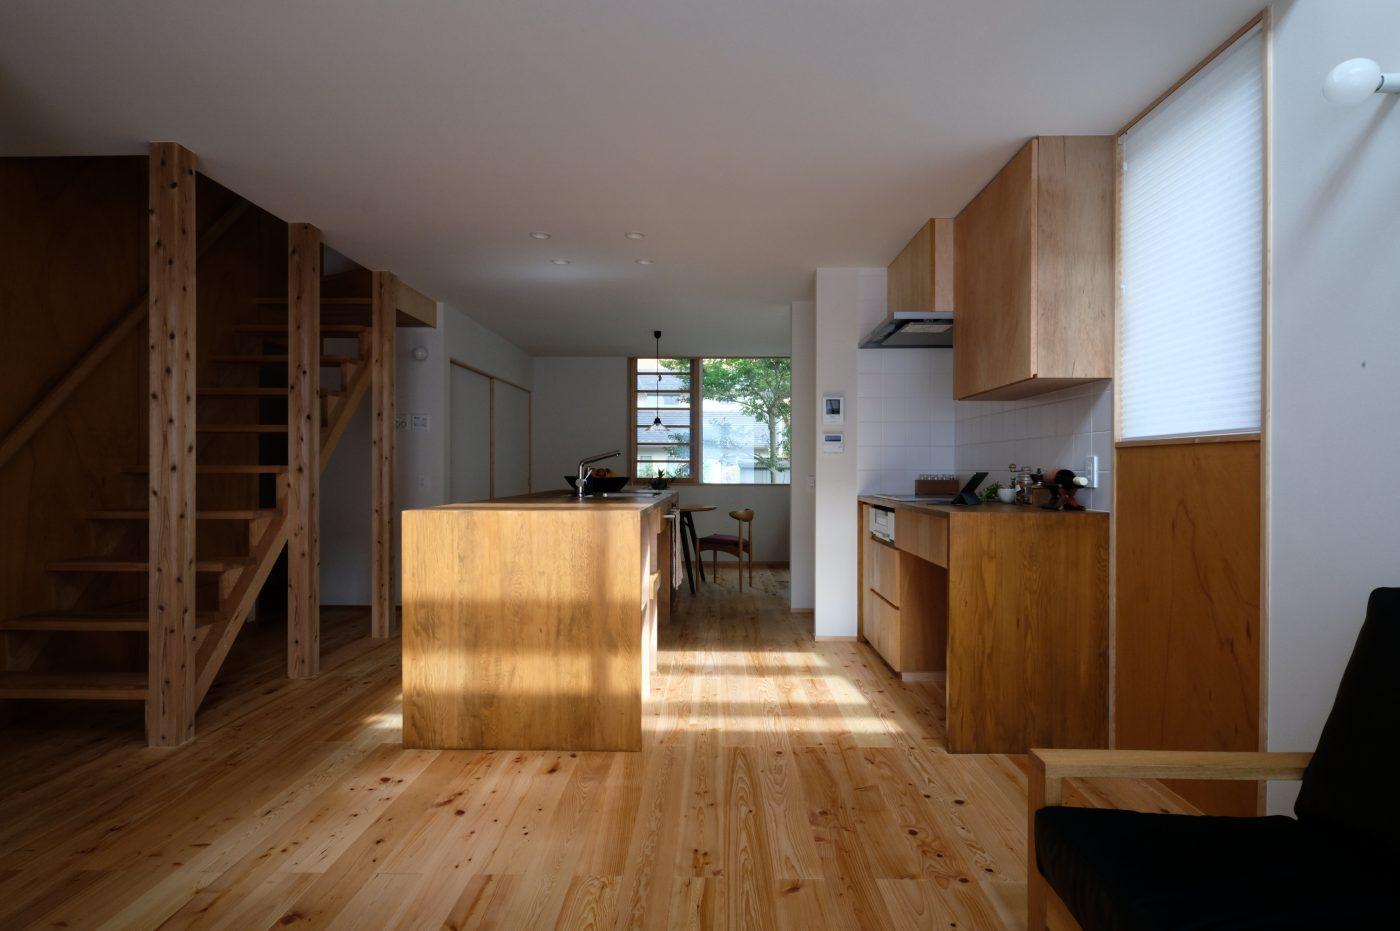 街中で緑と共に暮らす小さな家「新和の家」